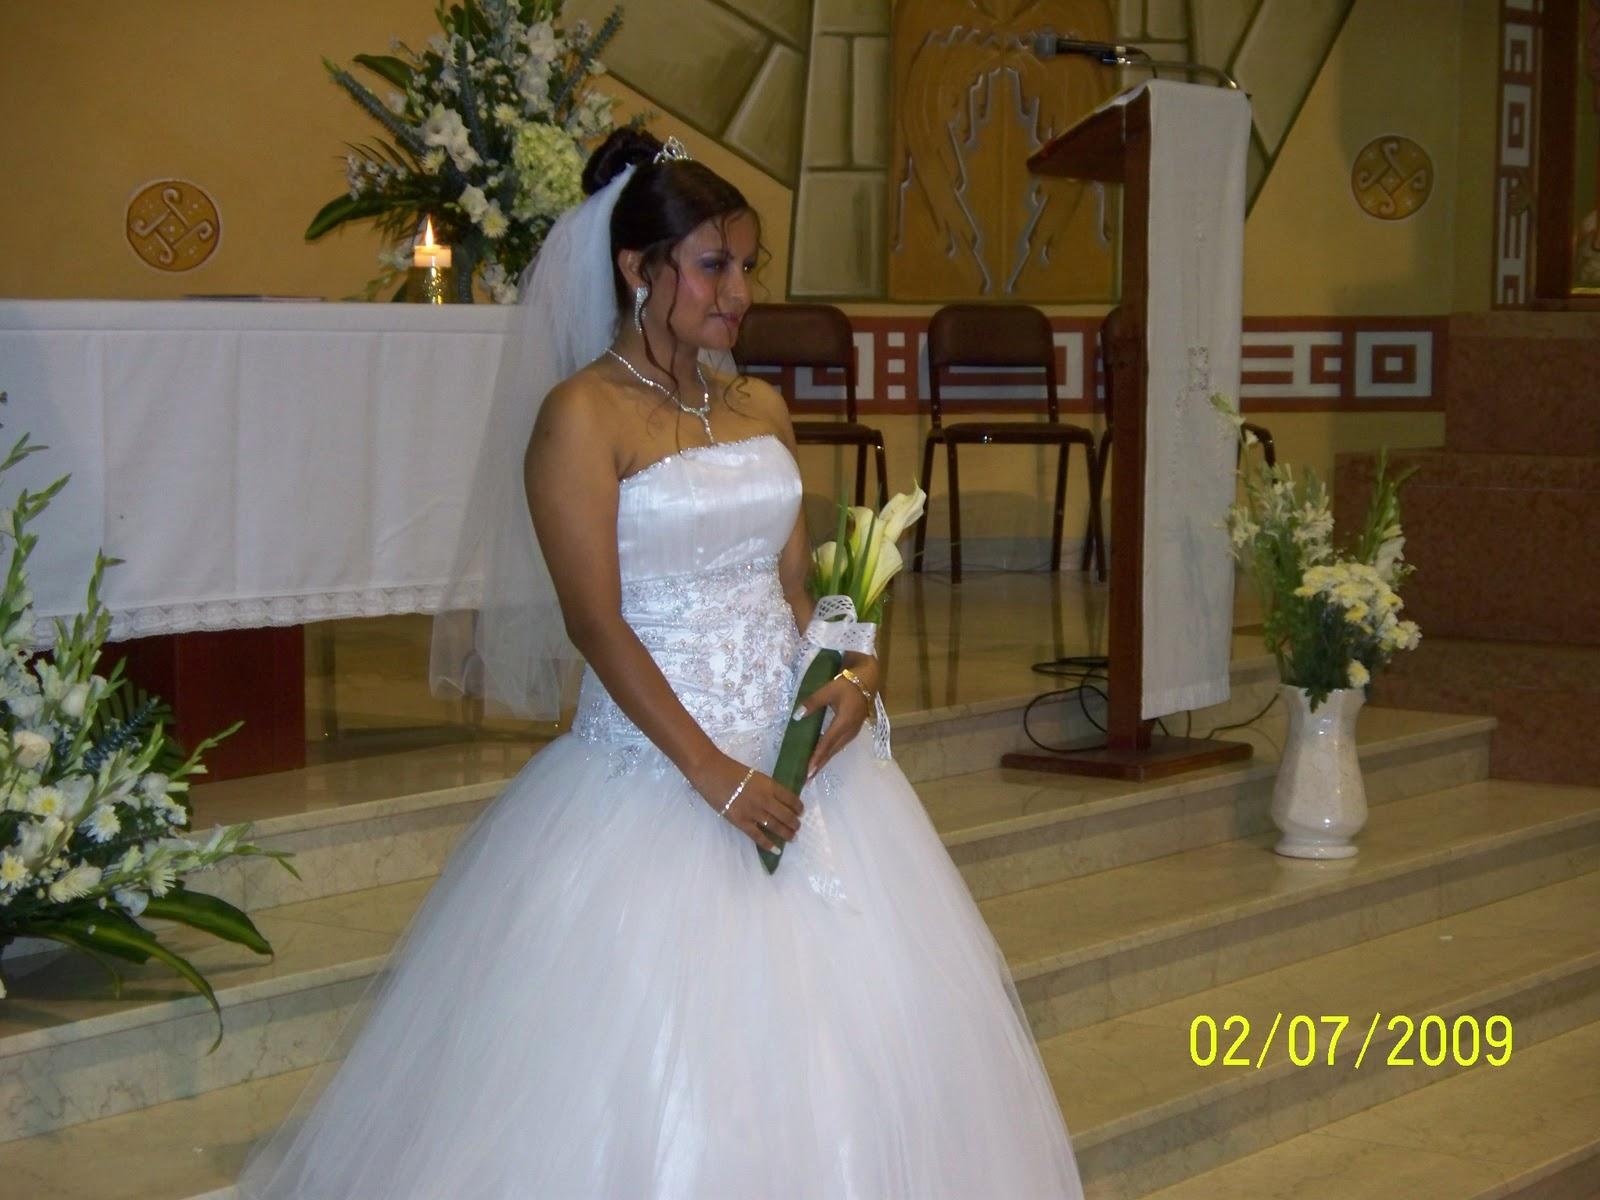 Un Matrimonio Catolico : Vestidos de matrimonio religioso